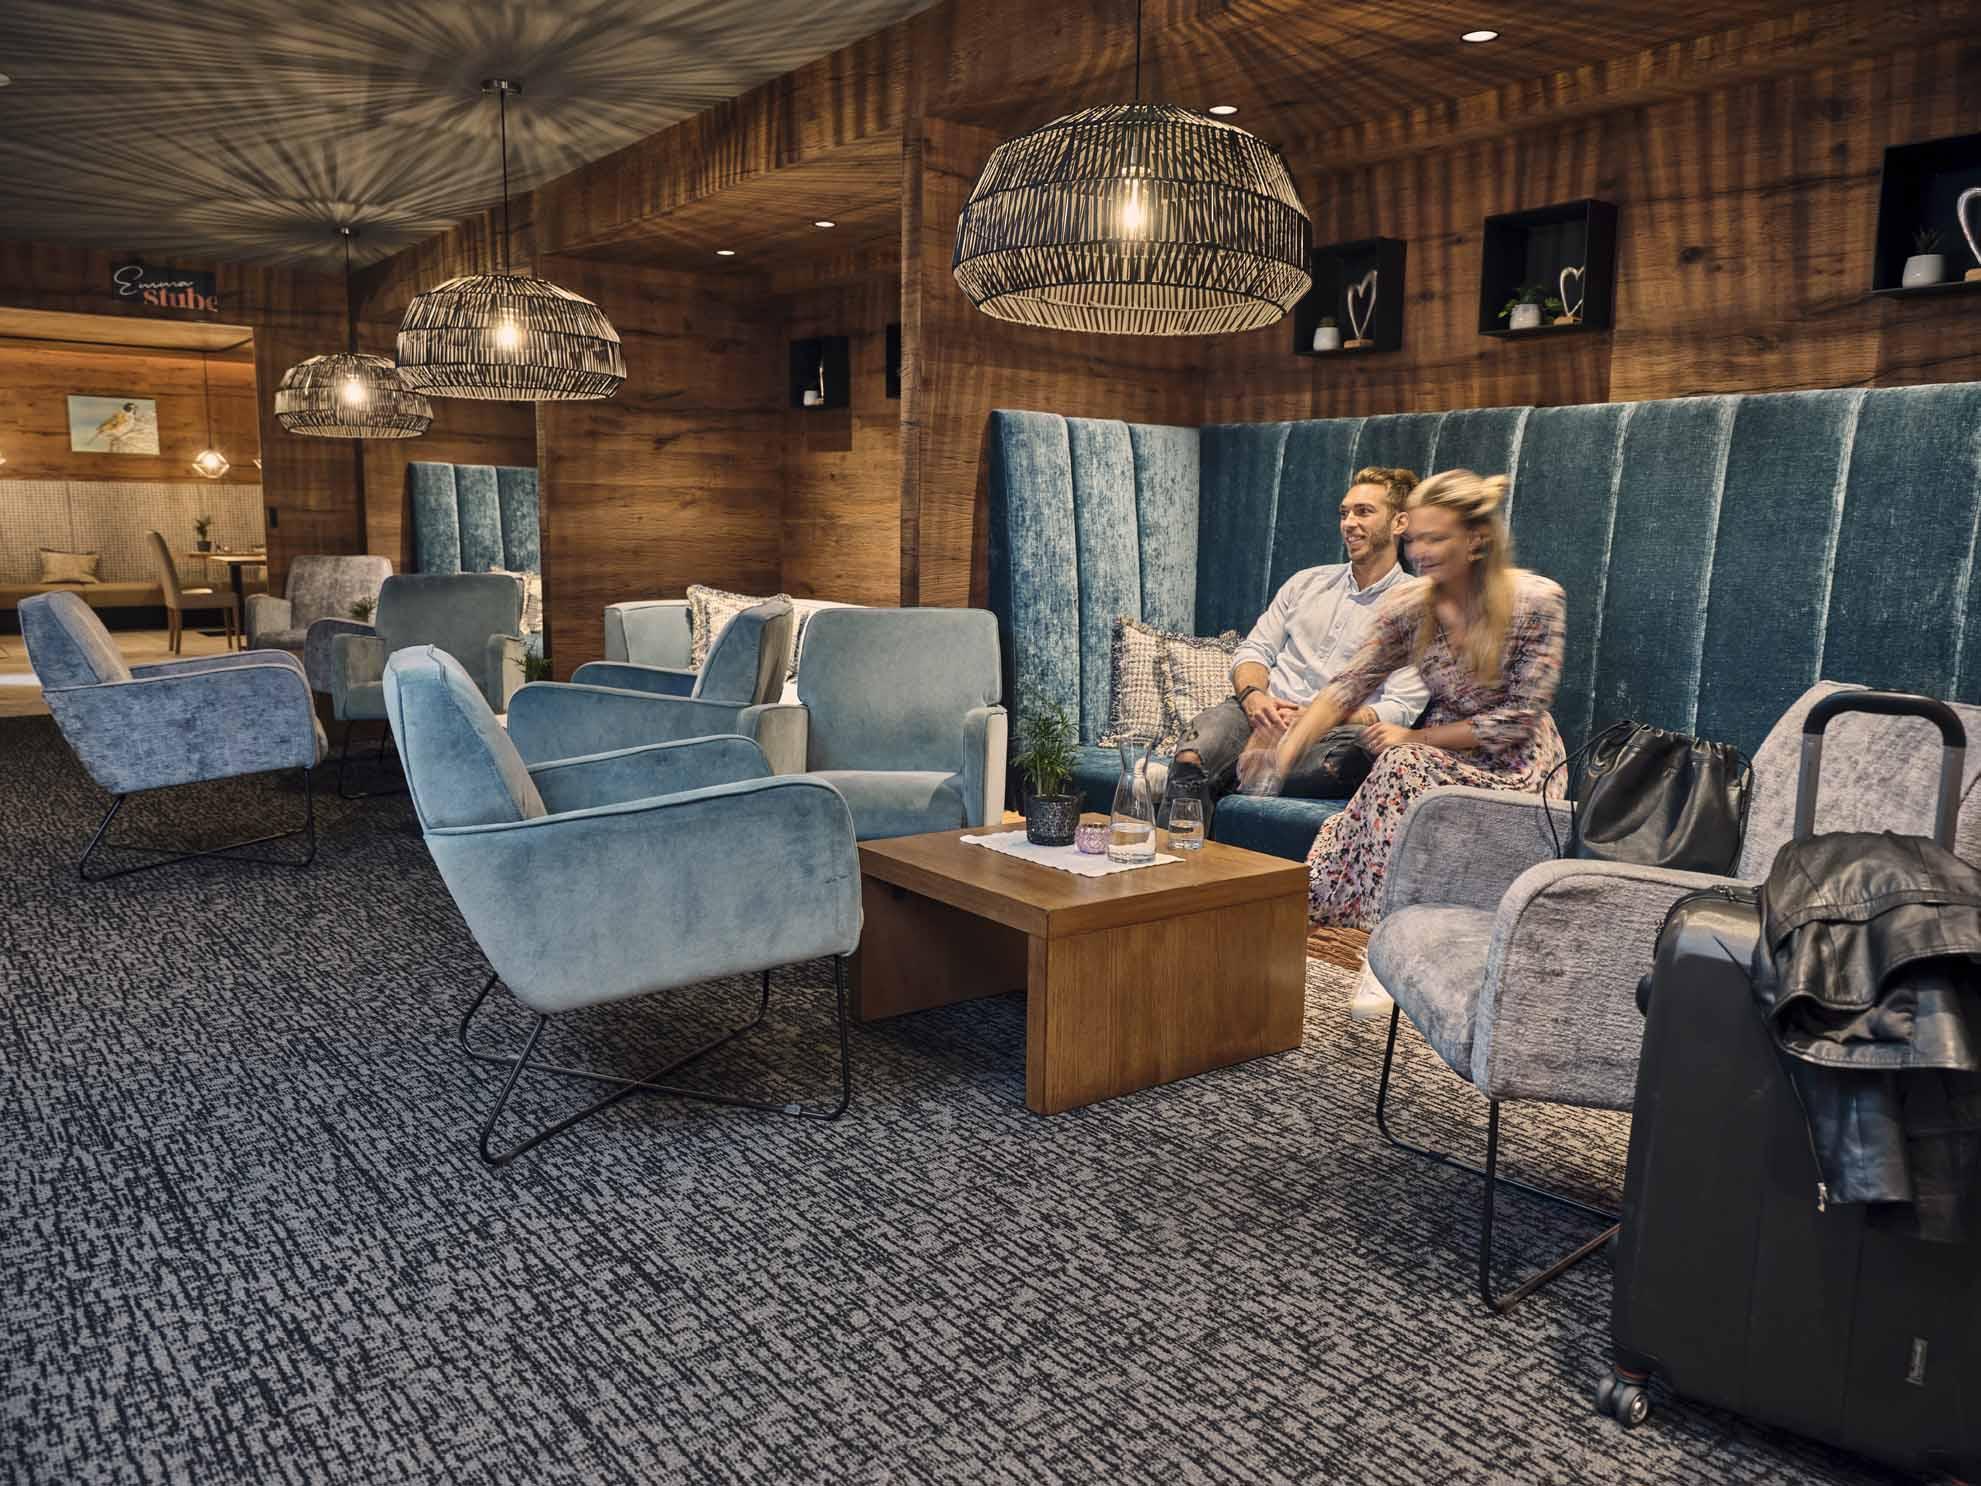 Zwei Personen sitzen in der Lounge und trinken Getränke